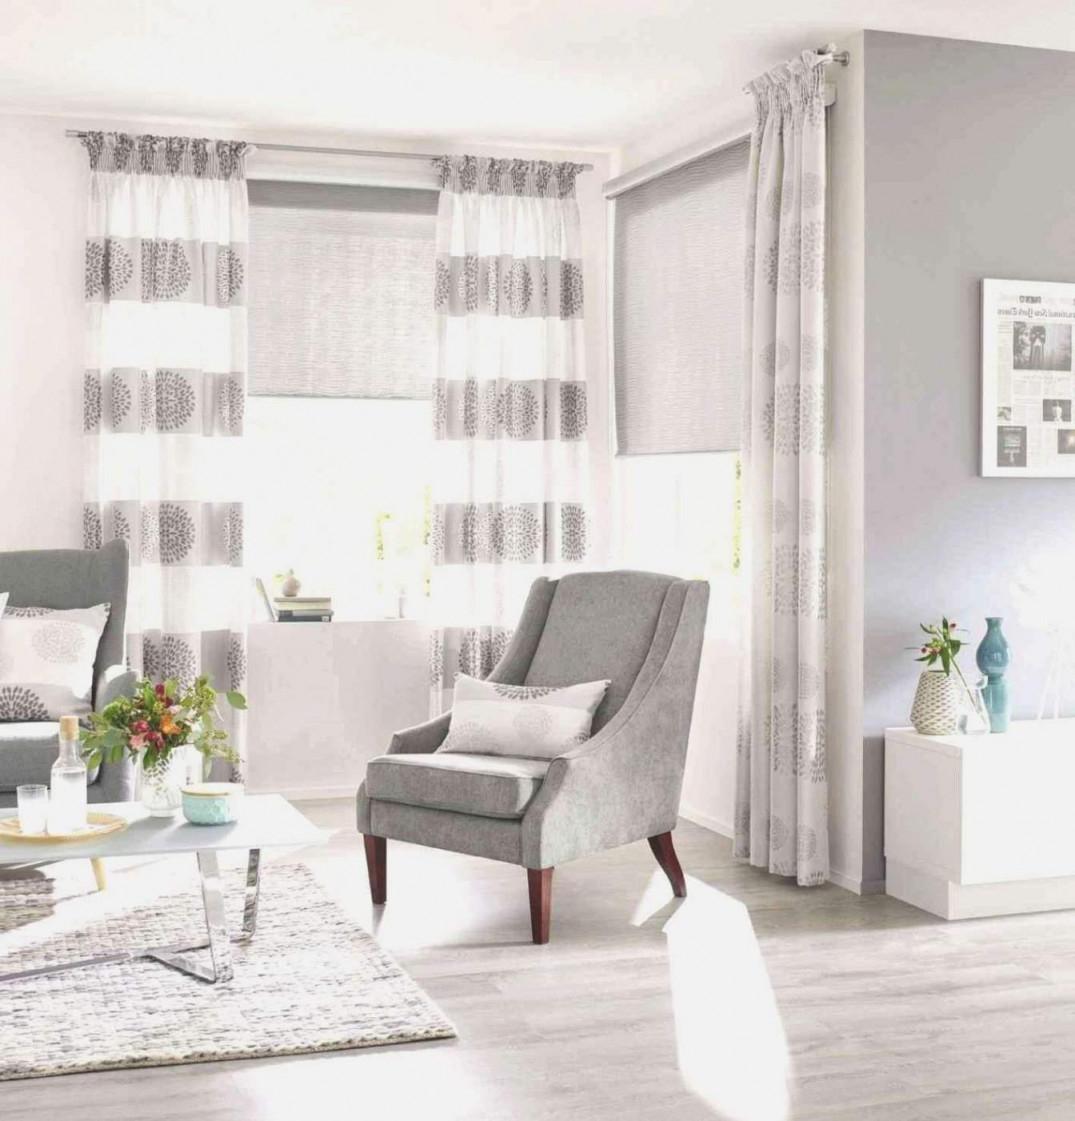 36 Elegant Wohnzimmer Vorhang Einzigartig  Wohnzimmer Frisch von Vorhänge Für Wohnzimmer Ideen Bild